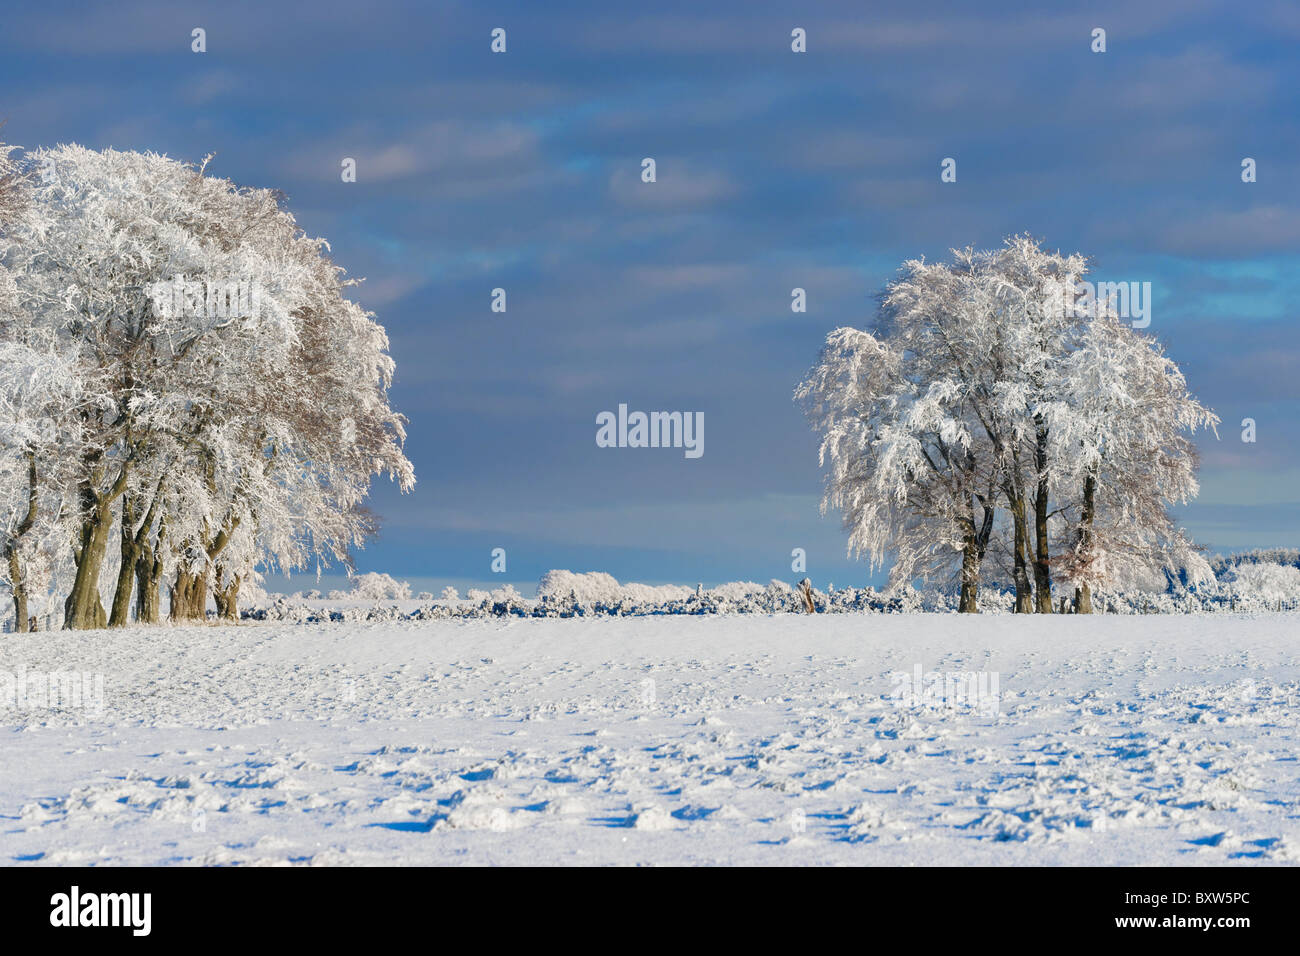 En el horizonte de árboles cubiertos de nieve y helada hoar. Cerca Balfron, Stirling, Escocia, Reino Unido Foto de stock